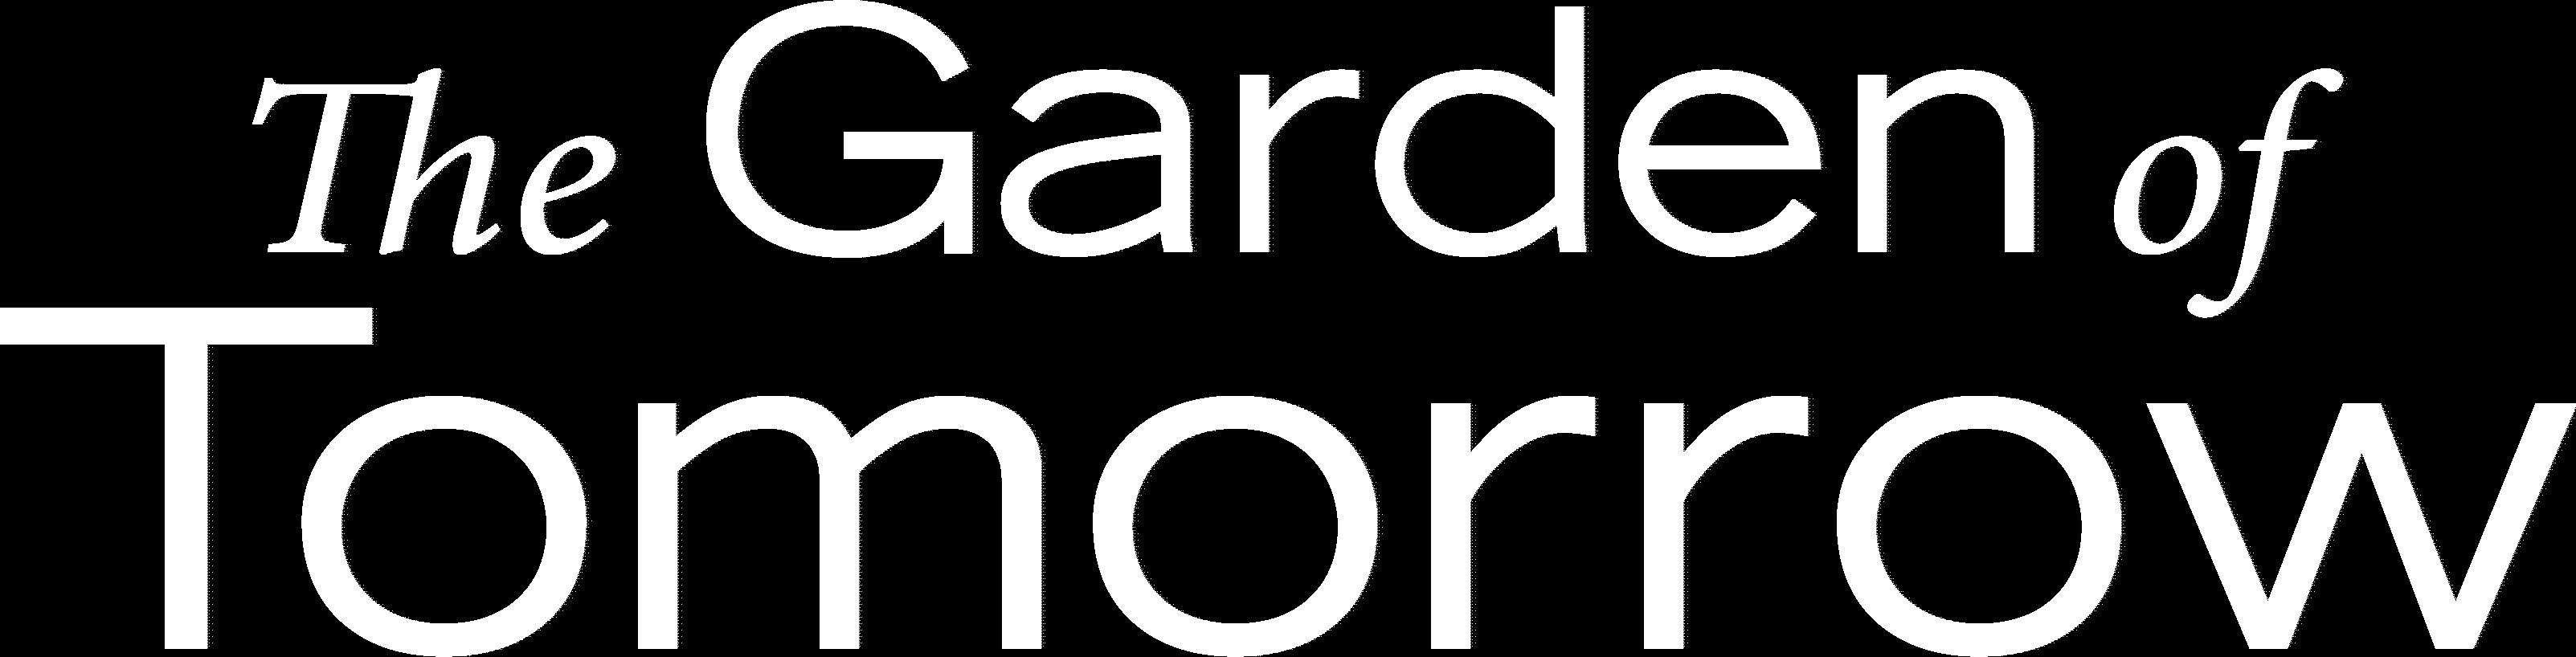 Garden of Tomorrow Header Text